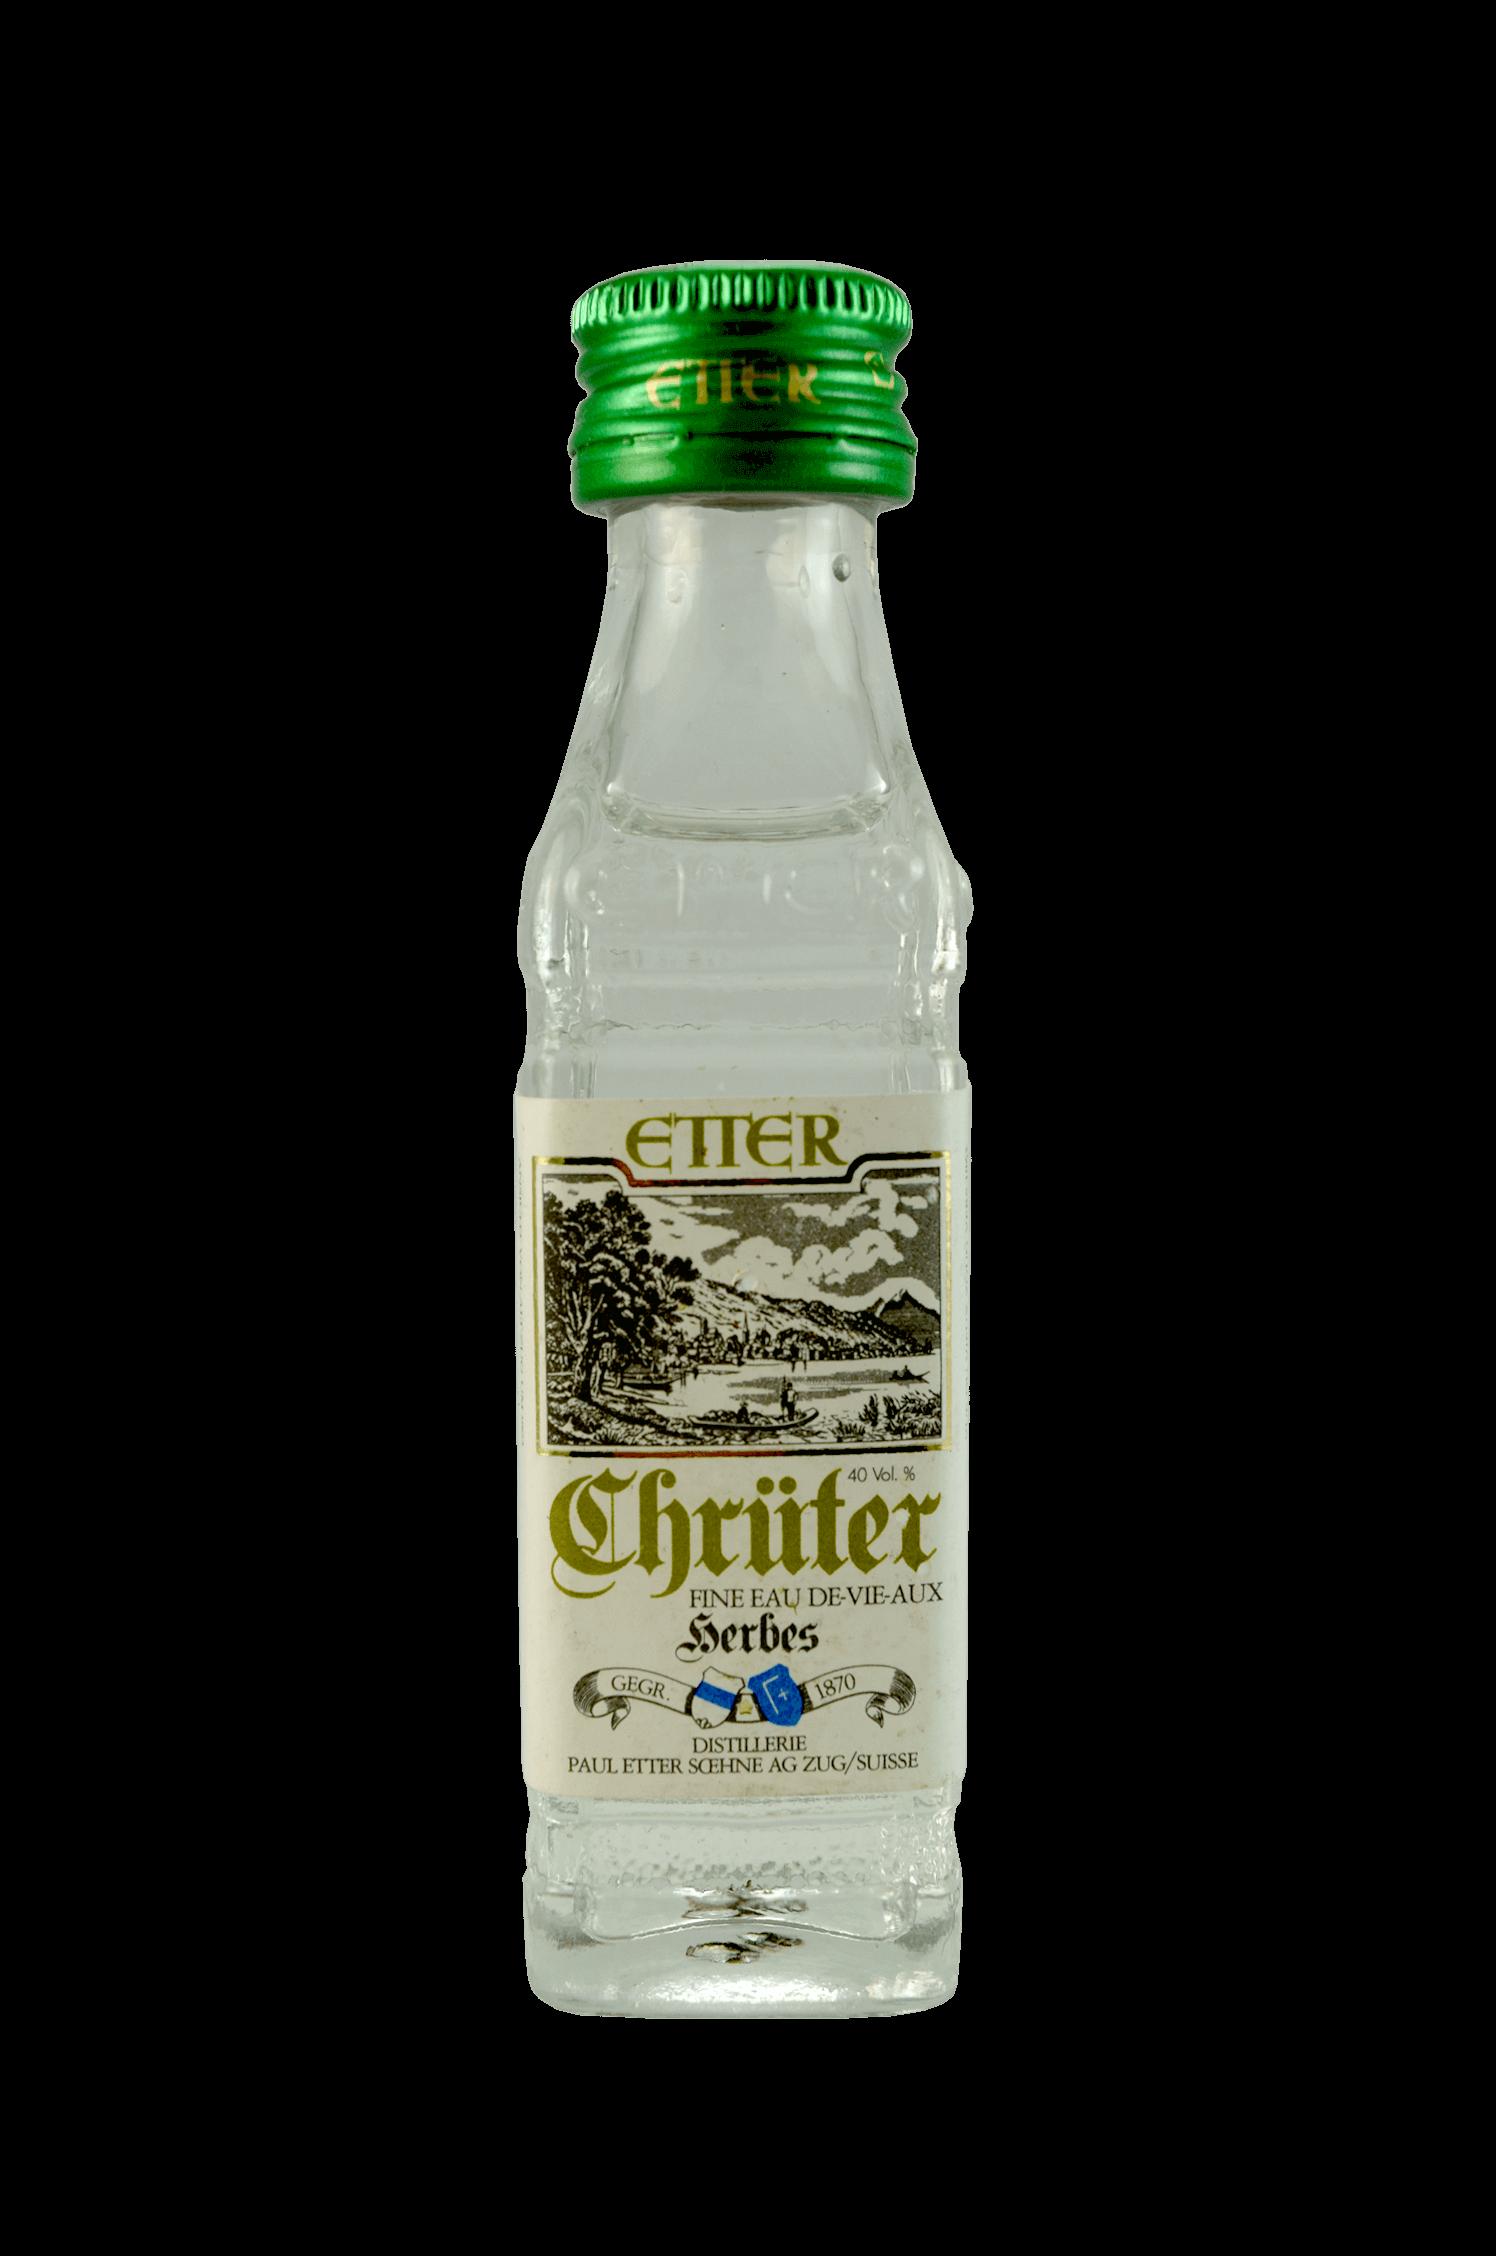 Etter Chrüter Herbes